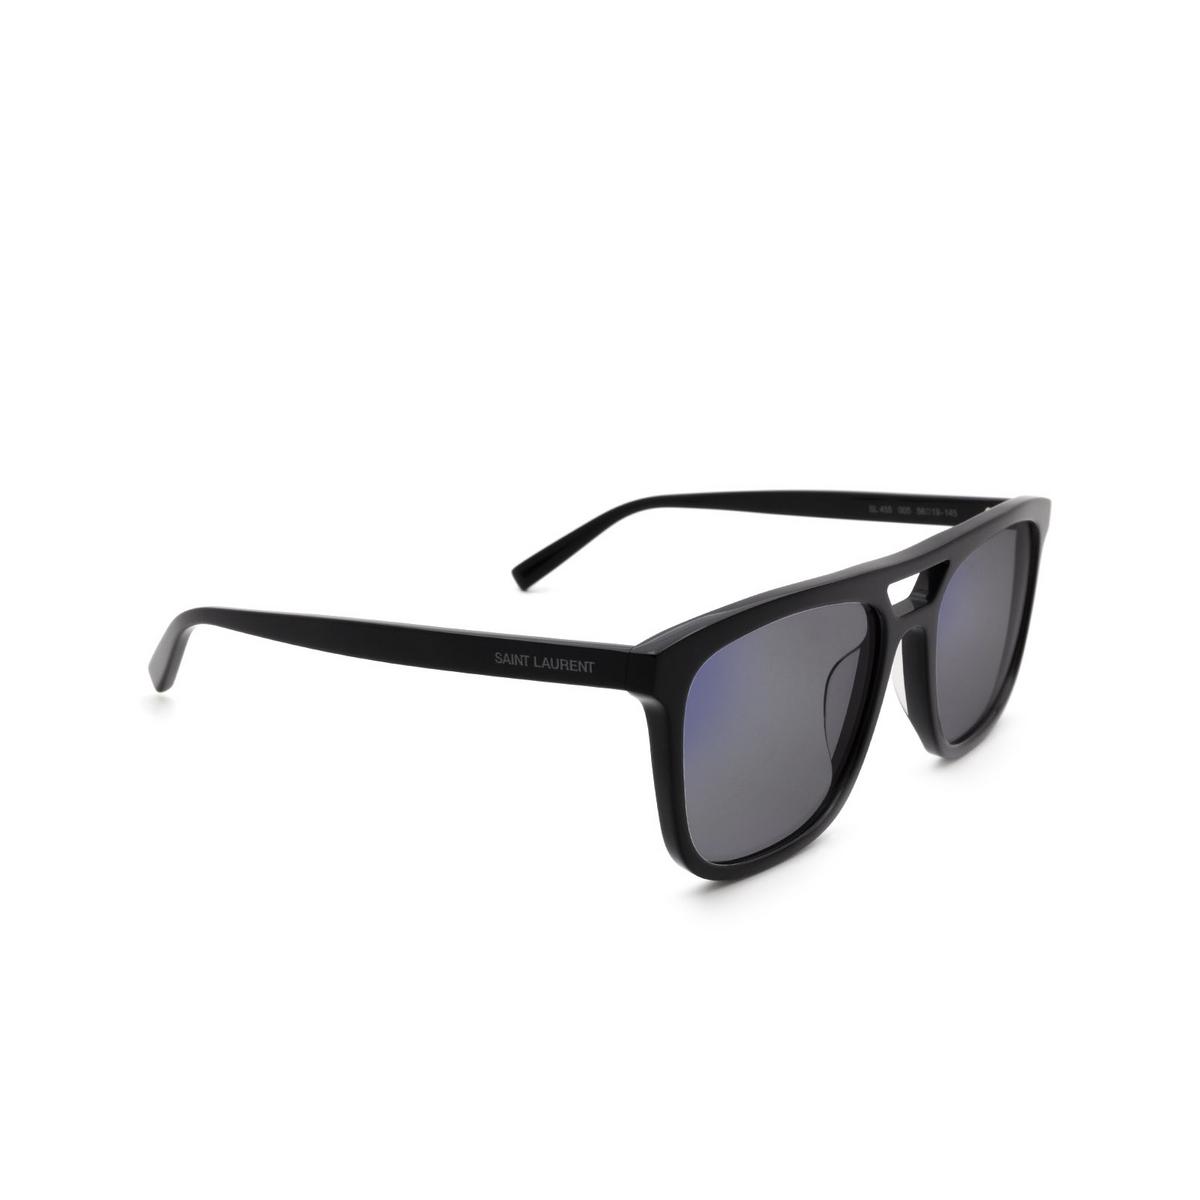 Saint Laurent® Rectangle Sunglasses: SL 455 color Black 005 - three-quarters view.